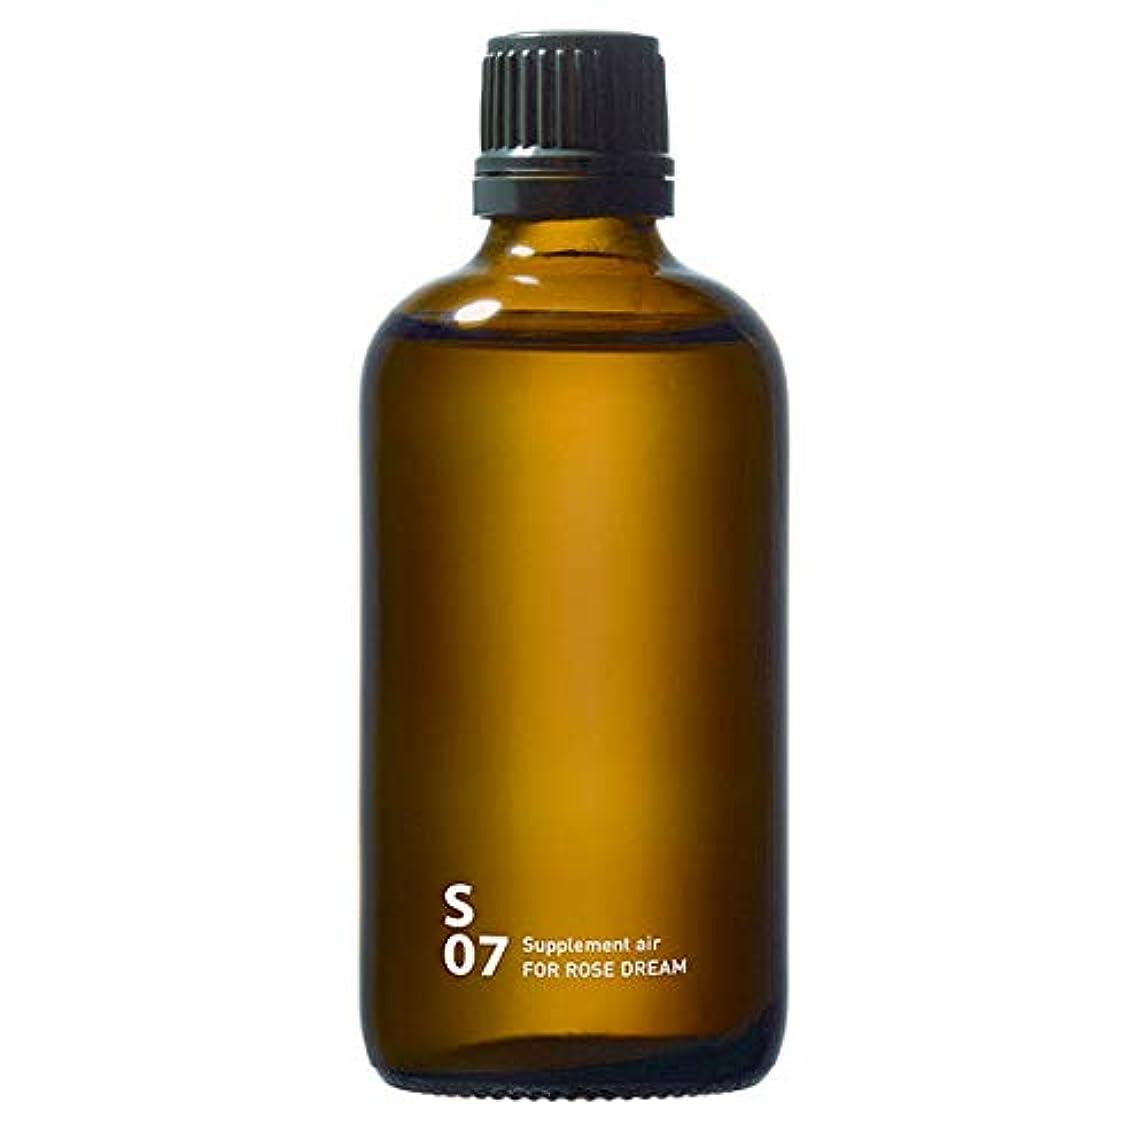 裁判所遠え陰謀S07 FOR ROSE DREAM piezo aroma oil 100ml